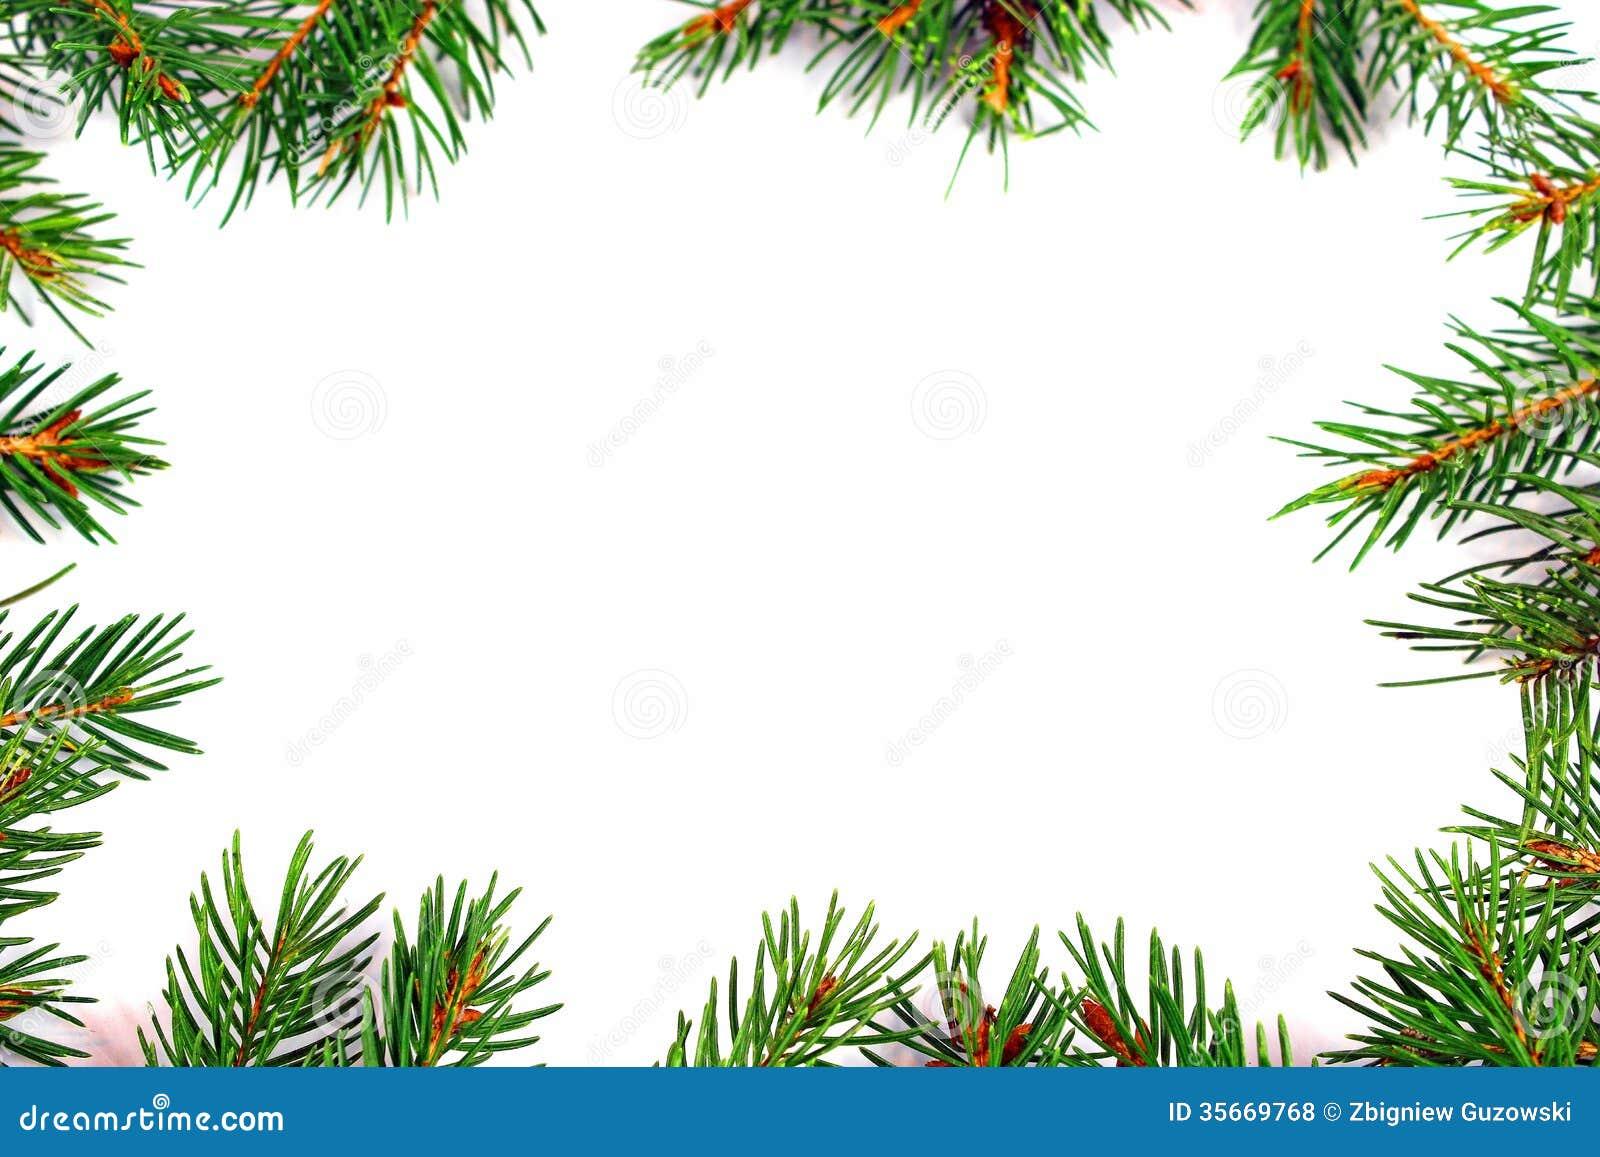 Cadre de no l avec la branche d 39 arbre naturelle de sapin for Branche de sapin deco noel